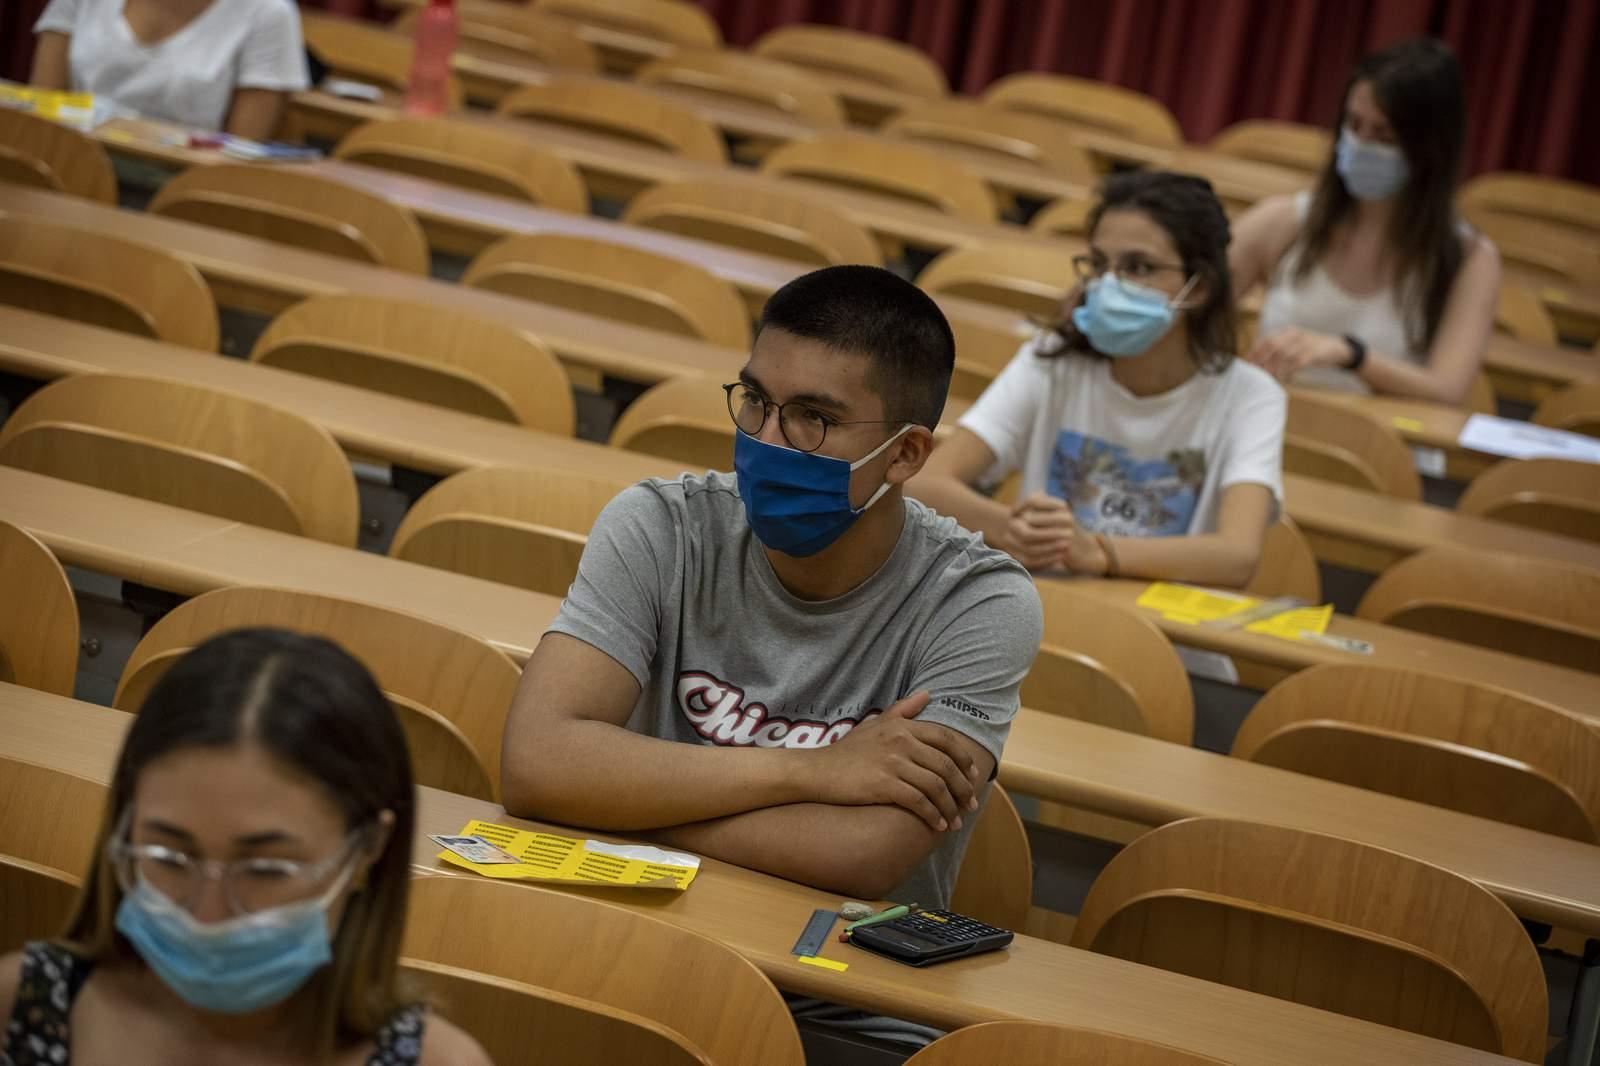 Επιστήμη Κορωνοϊός Ψυχική Υγεία: 85% των φοιτητών στις ΗΠΑ ανέφεραν προκλήσεις ψυχικής υγείας λόγω πανδημίας